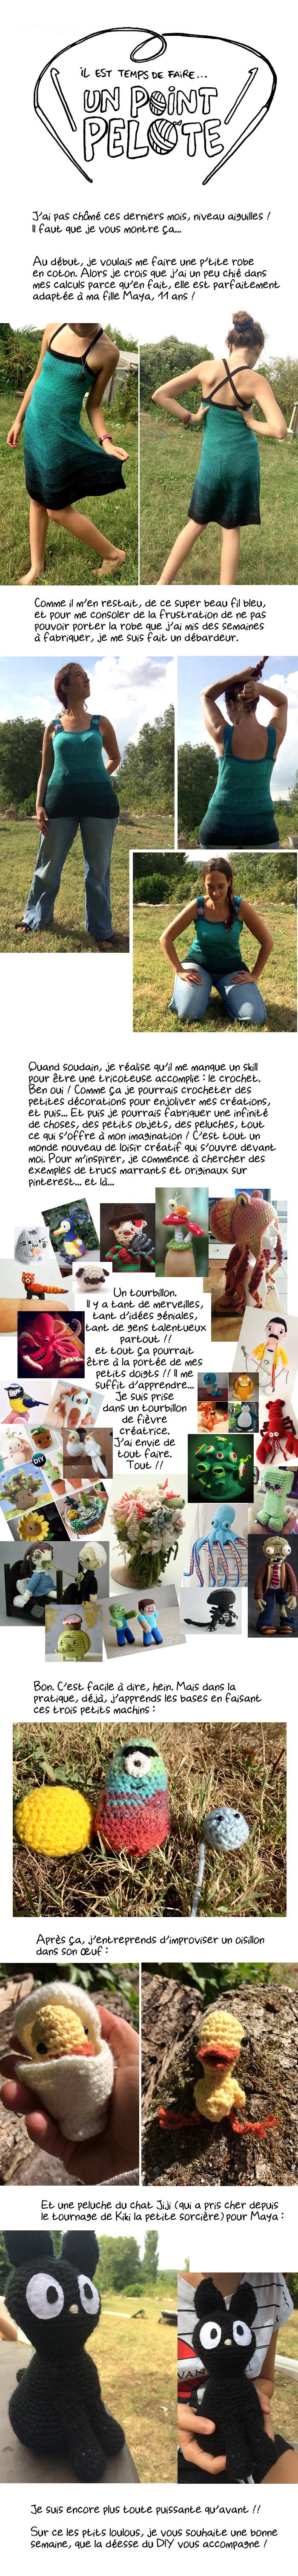 http://melaka.free.fr/blog/pointpelote.jpg